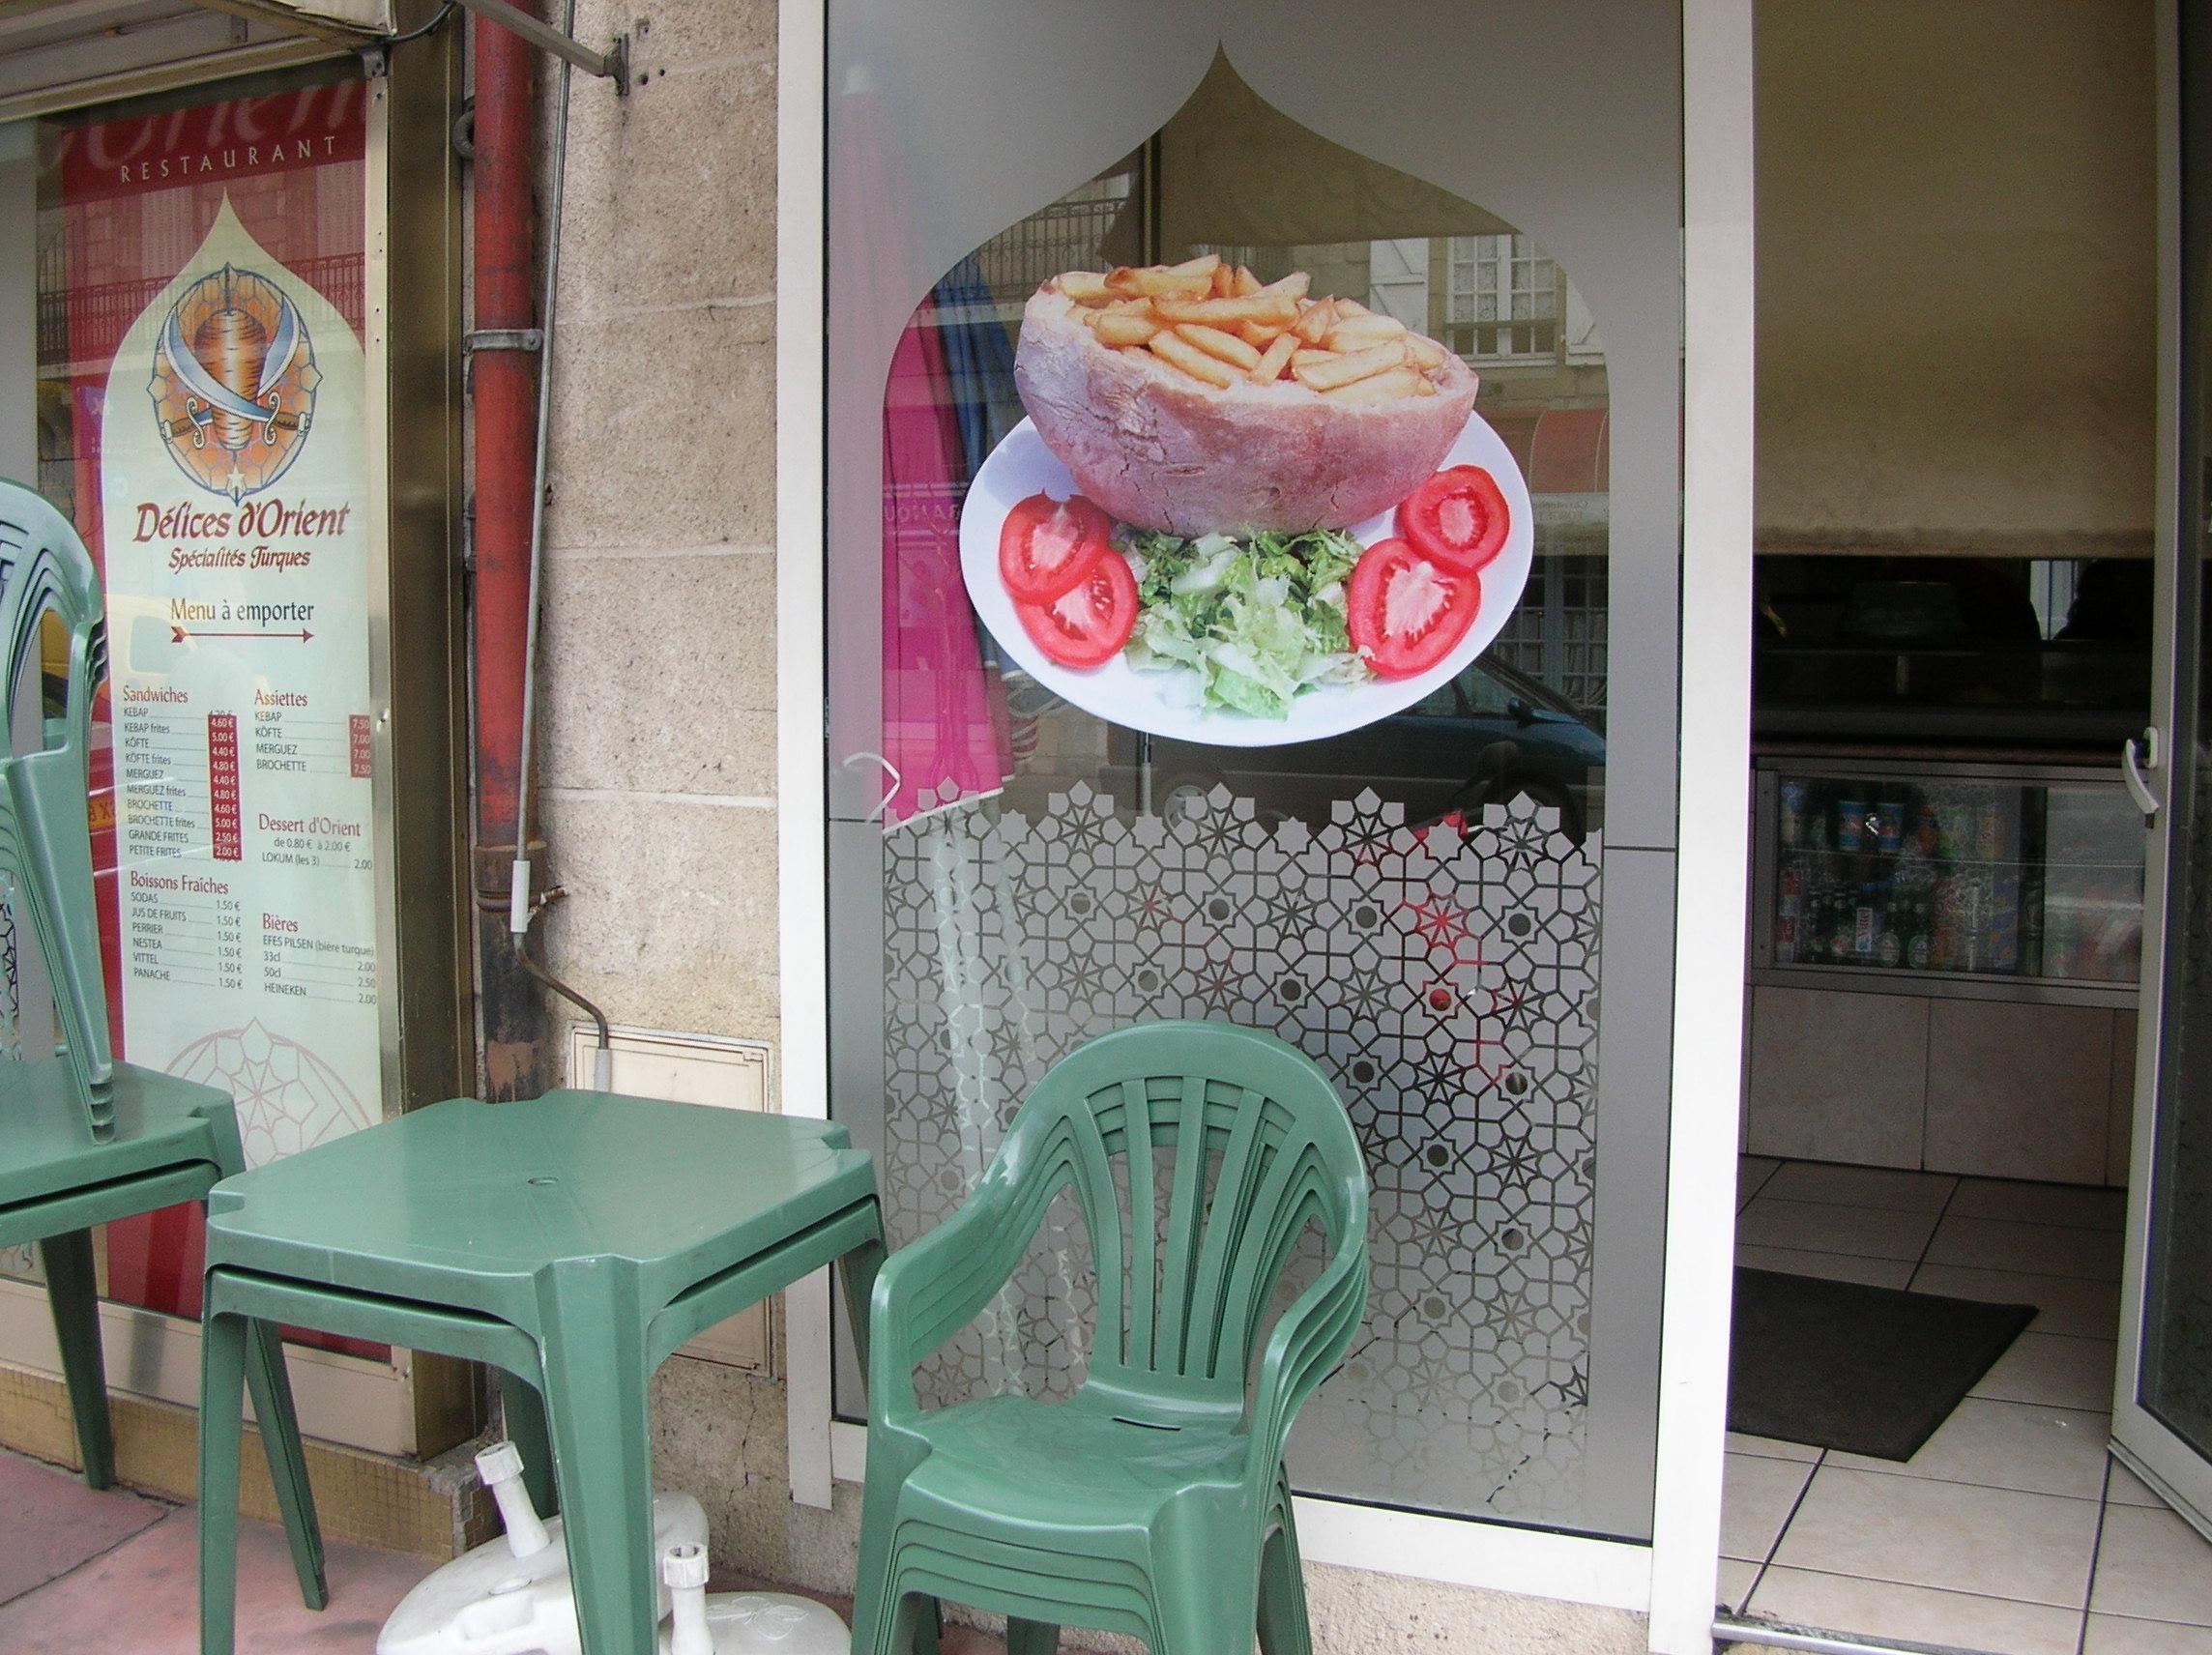 Délices d'orient kebab